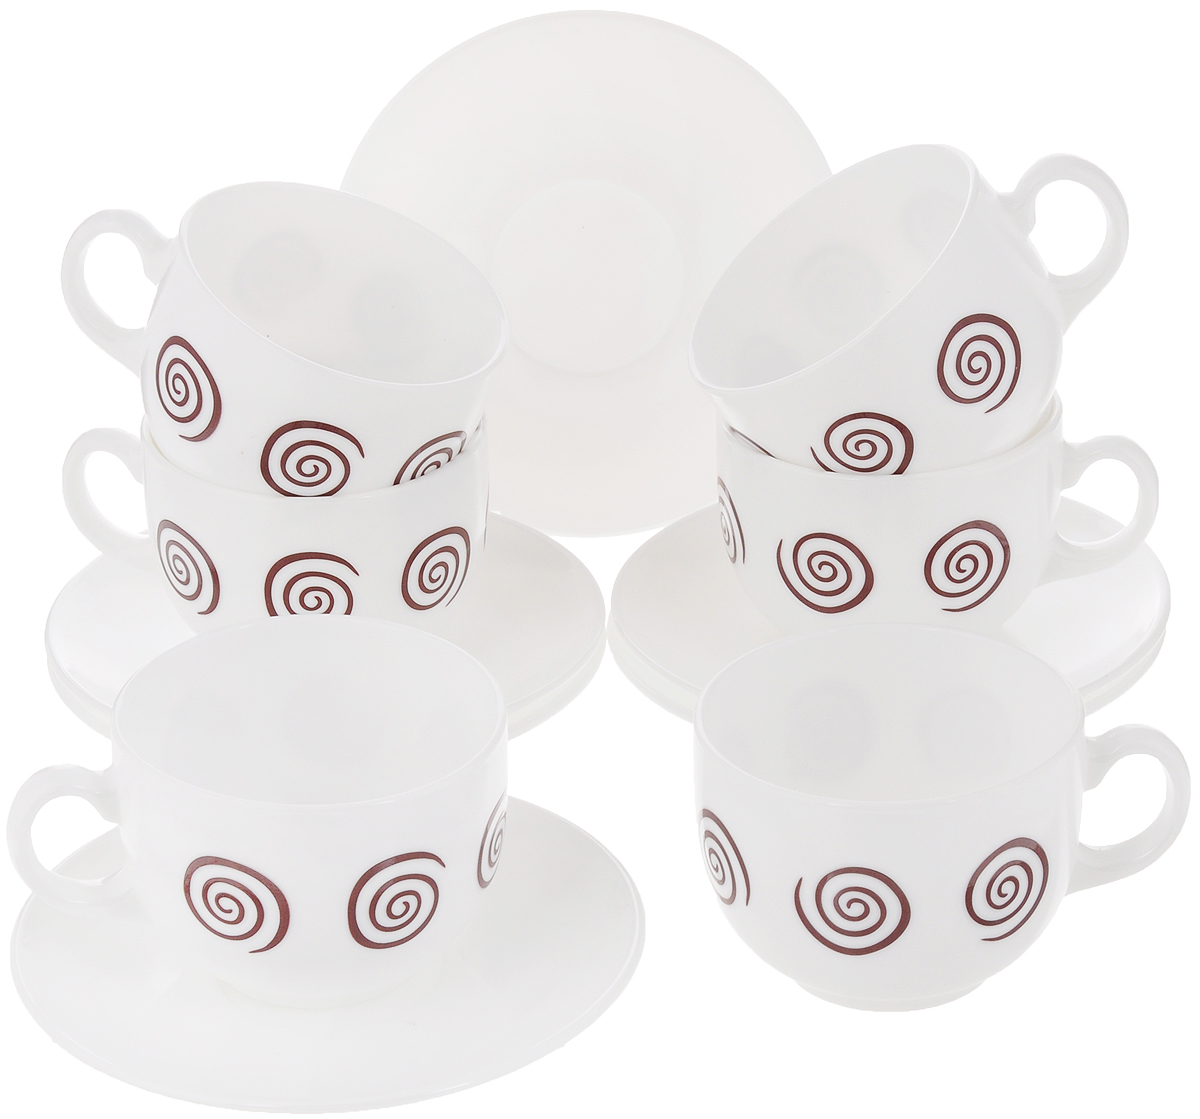 Набор чайный Luminarc Sirocco Brown, 12 предметовVT-1520(SR)Чайный набор Luminarc Sirocco Brown состоит из 6 чашек и 6 блюдец. Изделия, выполненные из высококачественного ударопрочного стекла, имеют элегантный дизайн с красивым рисунком. Посуда отличается прочностью, гигиеничностью и долгим сроком службы, она устойчива к появлению царапин и резким перепадам температур. Такой набор прекрасно подойдет как для повседневного использования, так и для праздников. Чайный набор Luminarc Sirocco Brown - это не только яркий и полезный подарок для родных и близких, это также великолепное дизайнерское решение для вашей кухни или столовой. Объем чашки: 220 мл. Диаметр чашки (по верхнему краю): 8 см. Высота чашки: 6,5 см.Диаметр блюдца: 13 см.